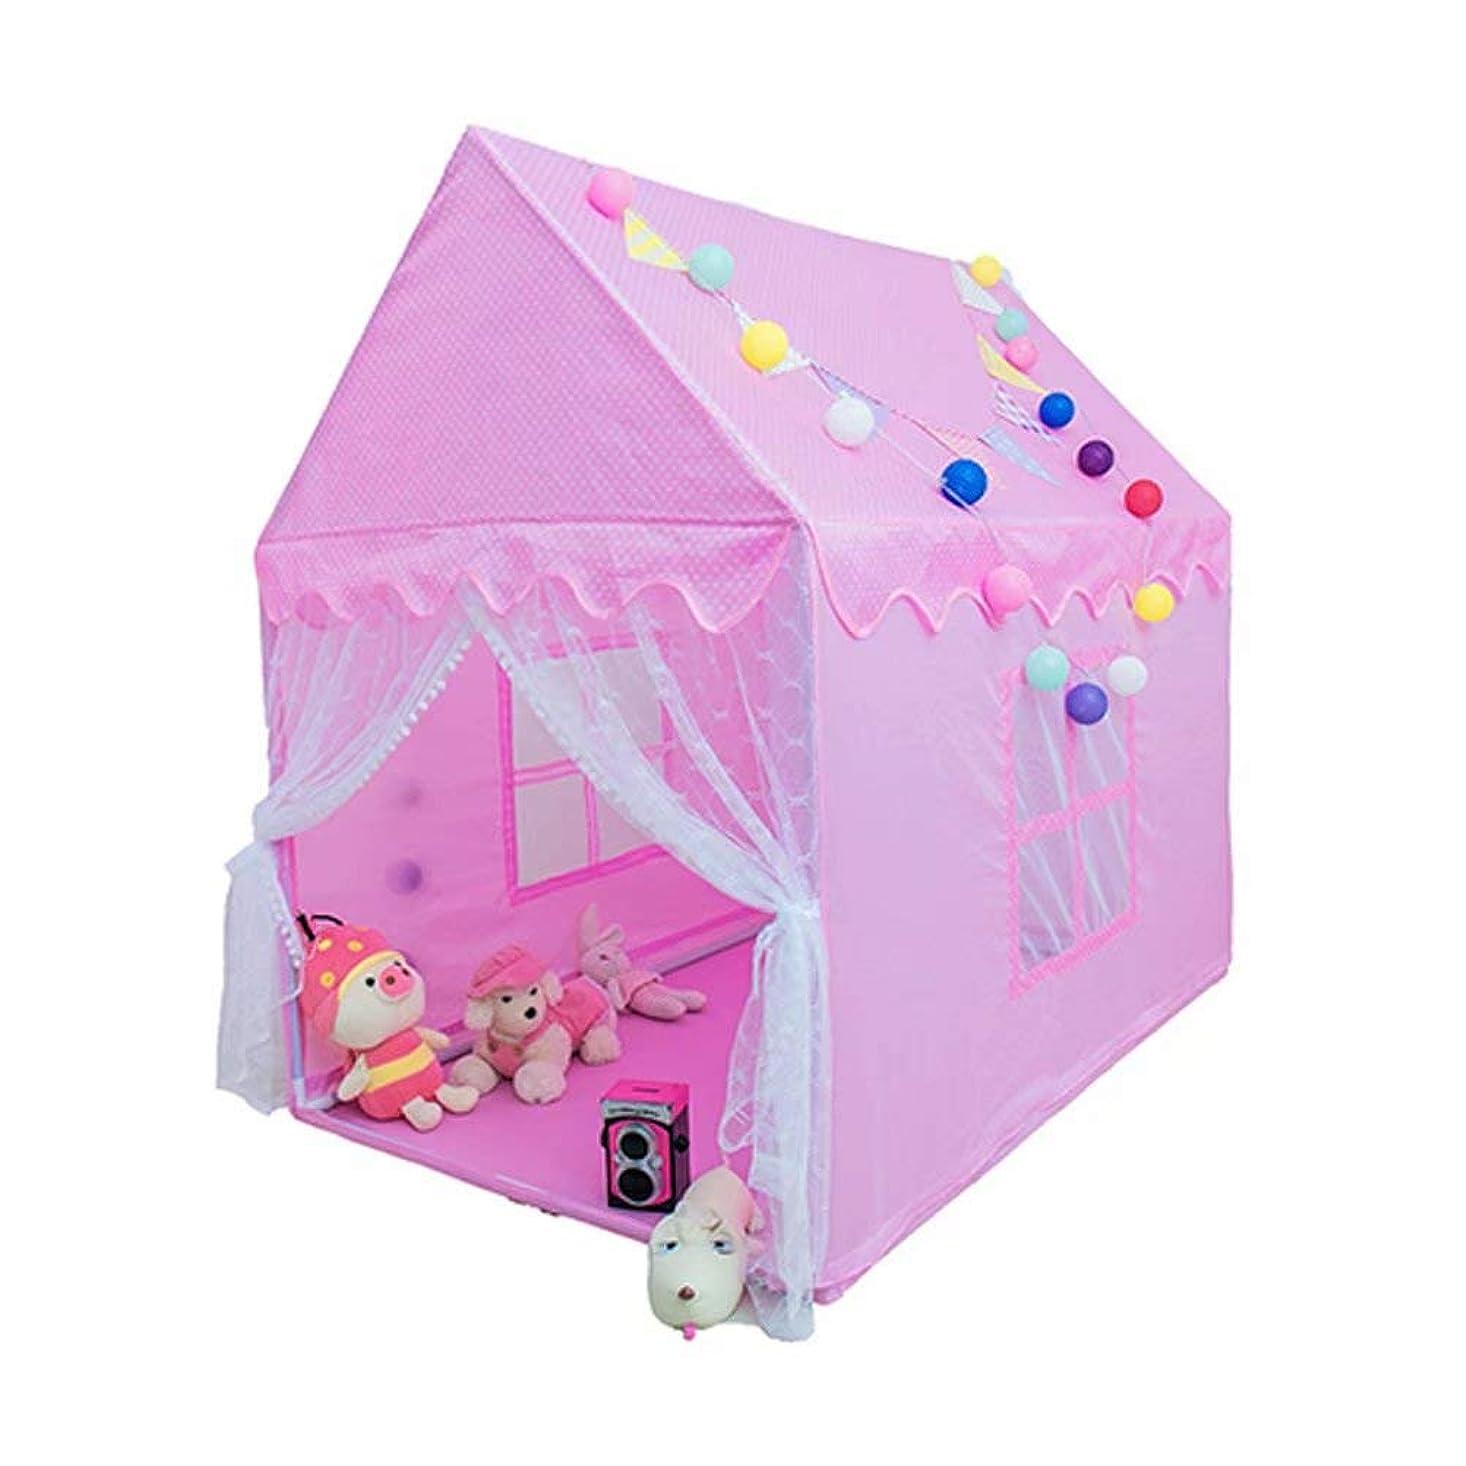 モーター雨支店キッズテント 子供用テント 知育玩具 おままごと プレイハウス スターライト付き 秘密基地 誕生日?クリスマスプレゼント